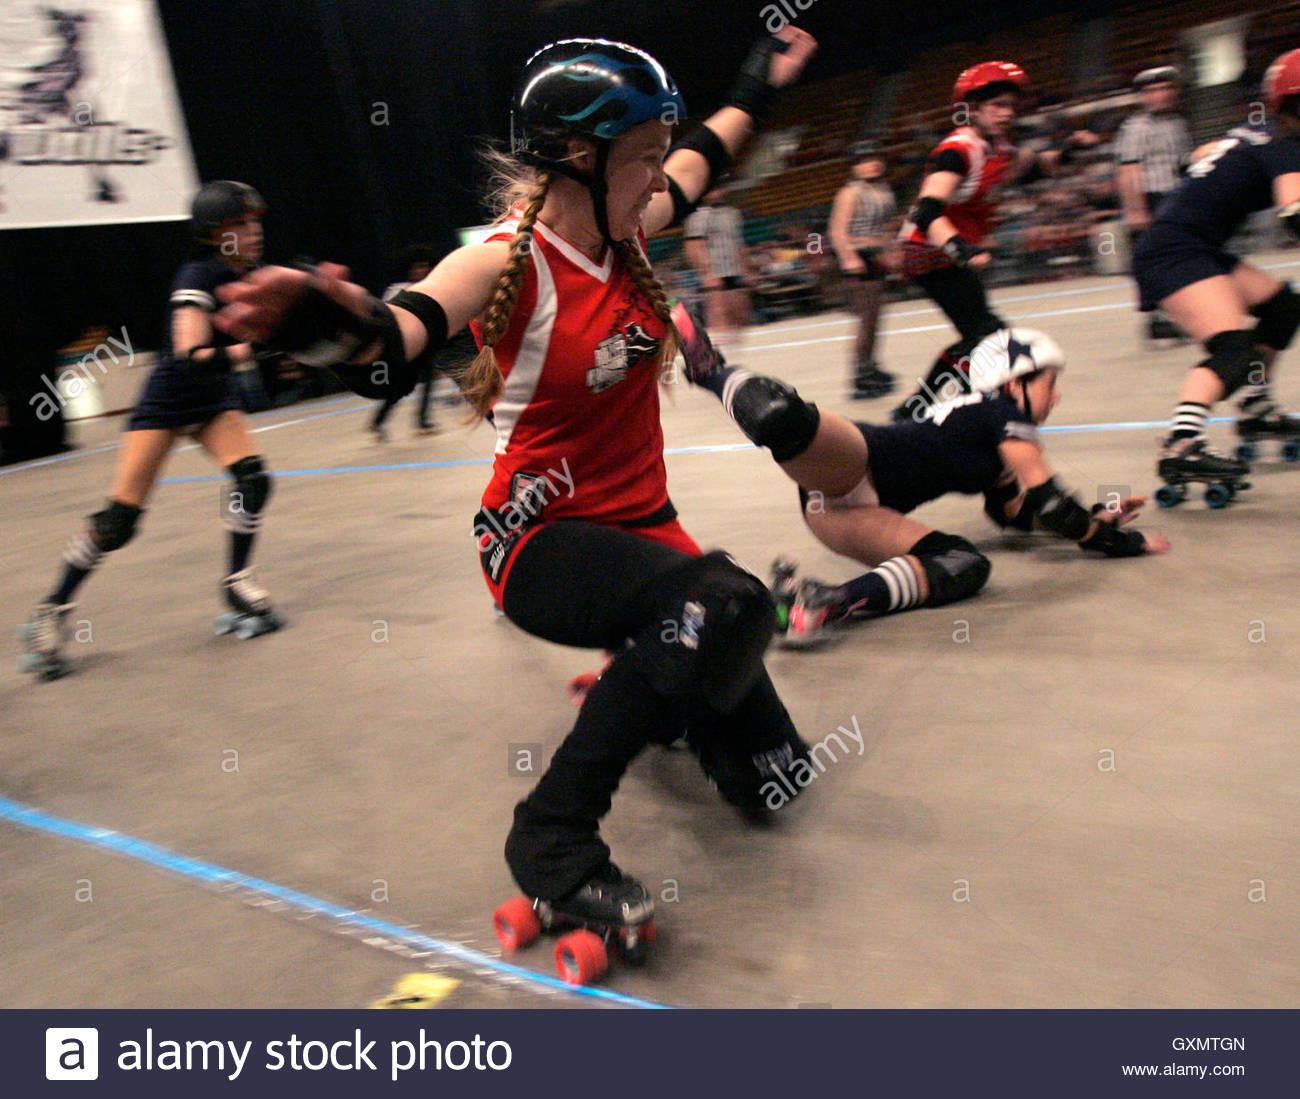 Roller skating denver -  Princess Slay Ya Of The Kansas City Roller Warriors L Trips Up Denver Roller Dolls Angela Death In Their Roller Derby Bout In Denver Colorado March 9